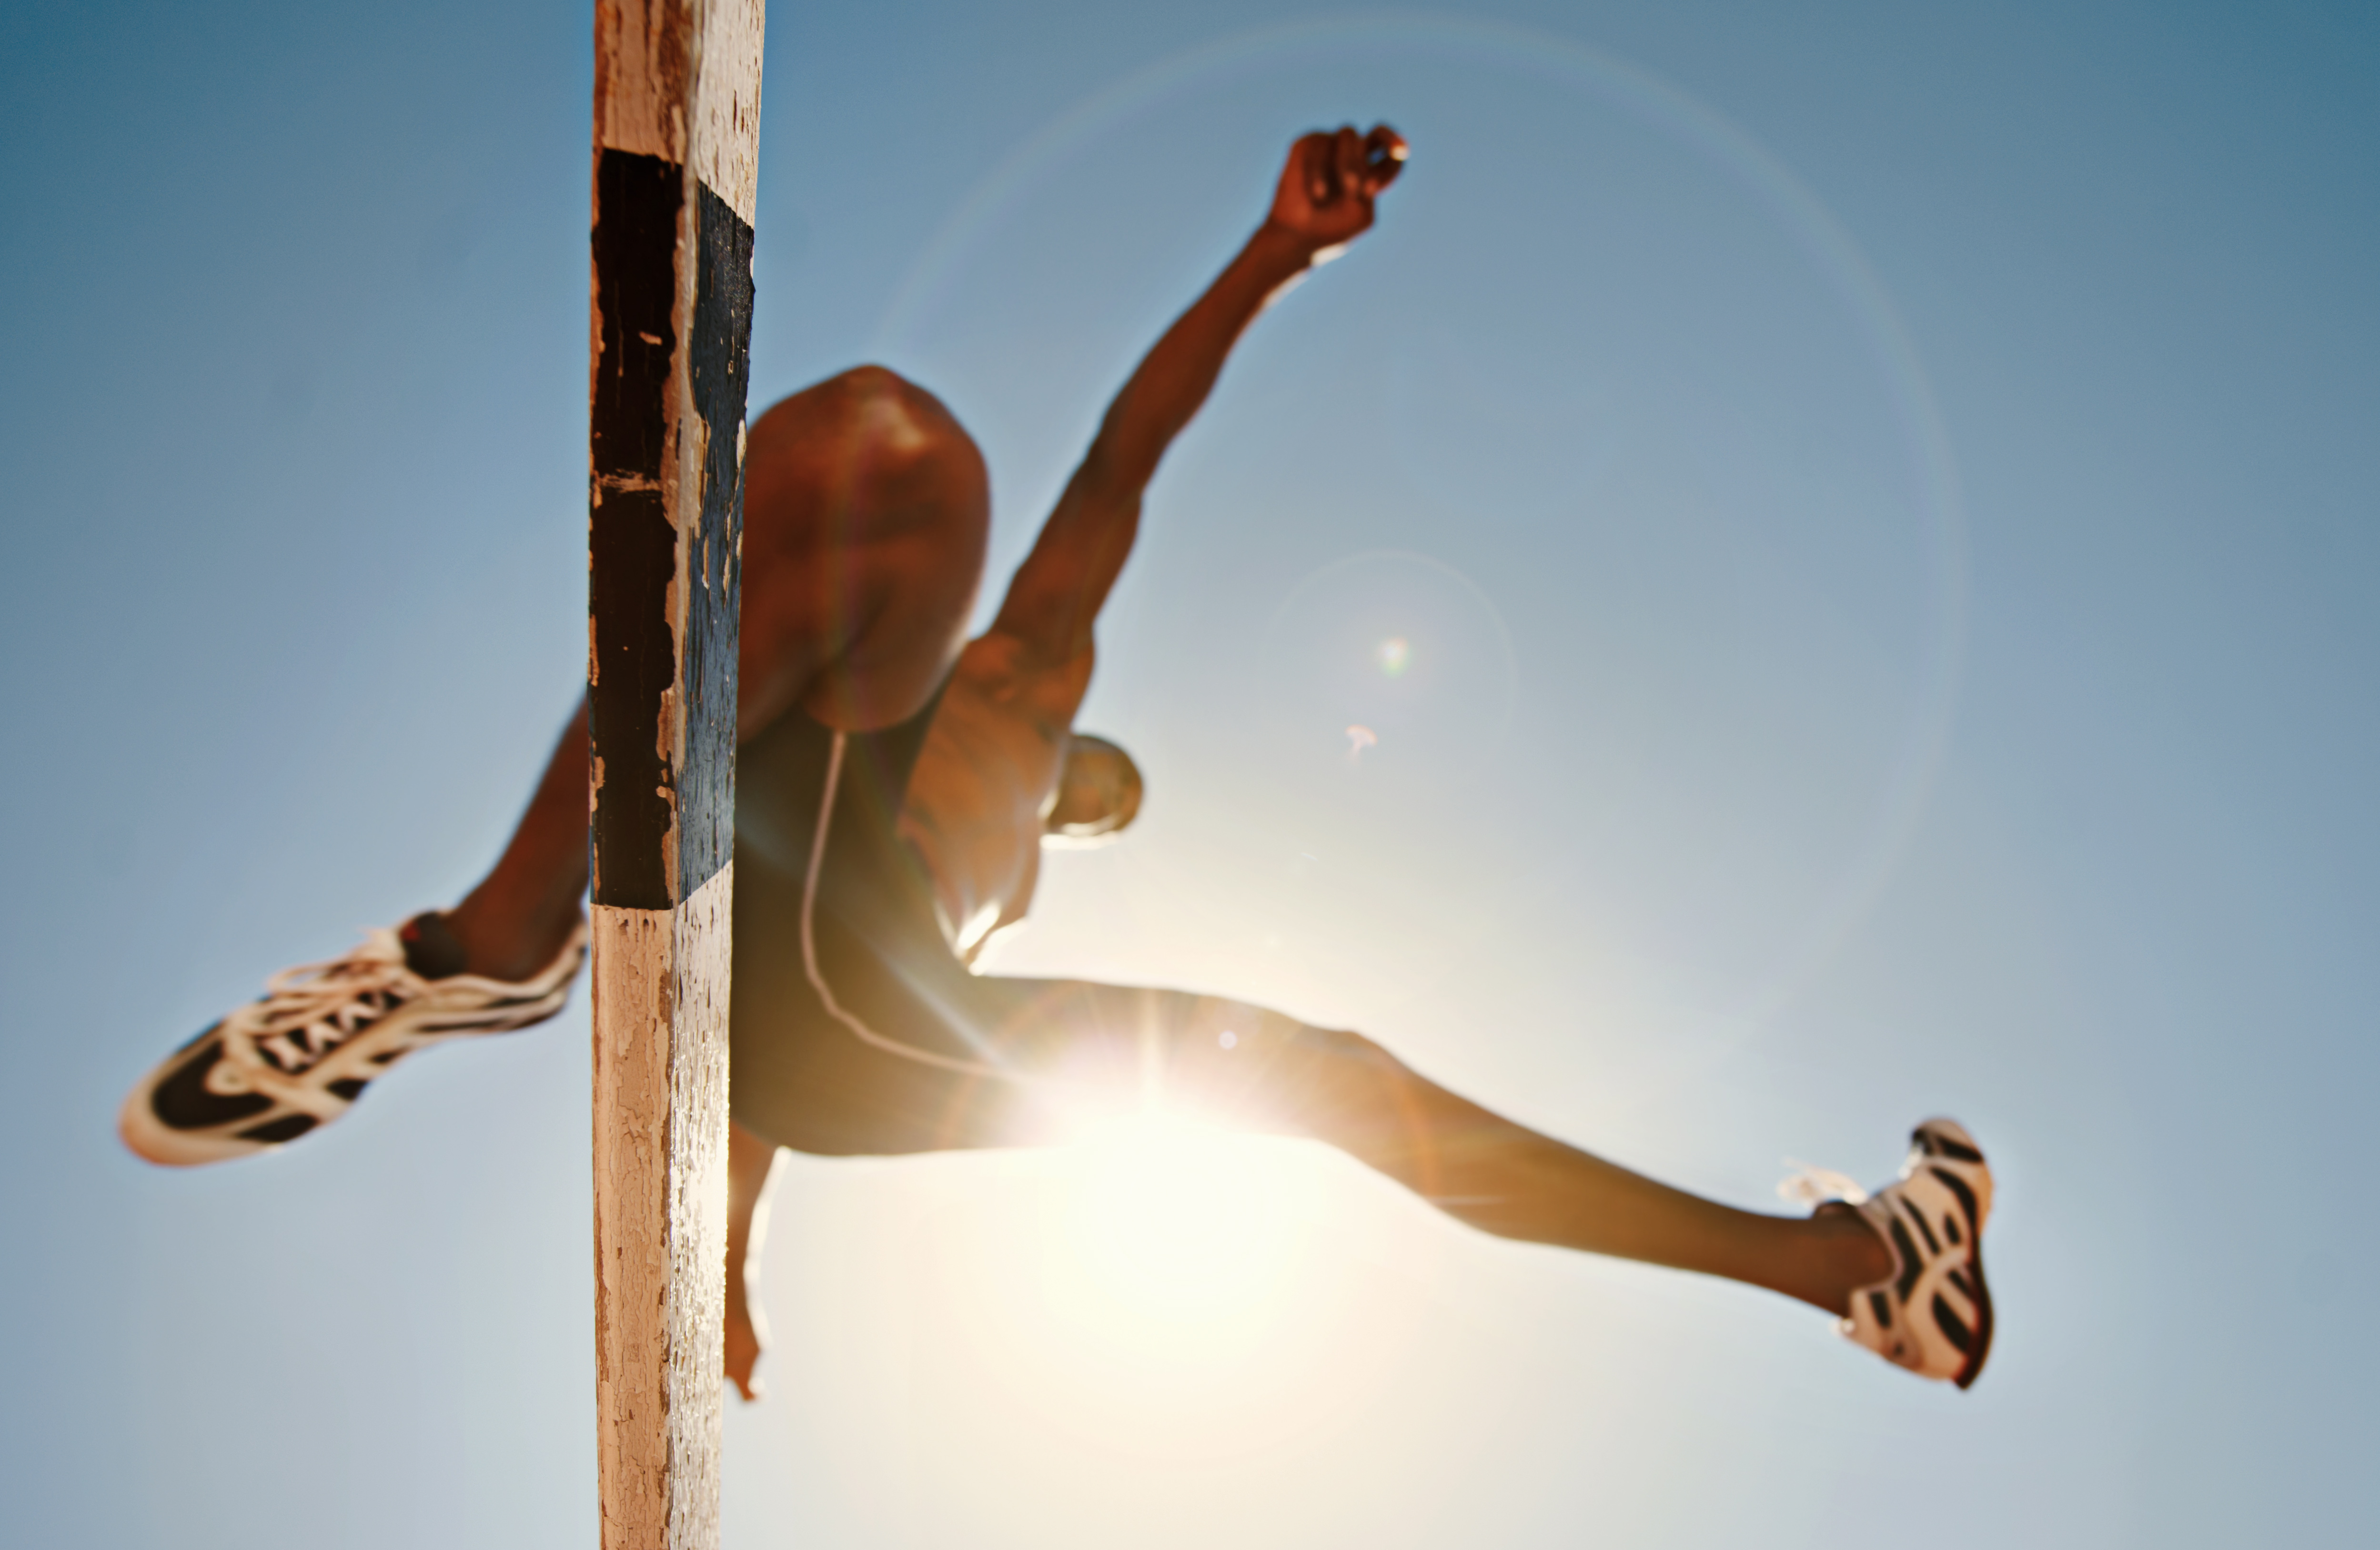 http://giovanisi.it/2016/06/23/regioneconigiovani-accesso-allo-sport-per-giovani-con-disagio-economico/